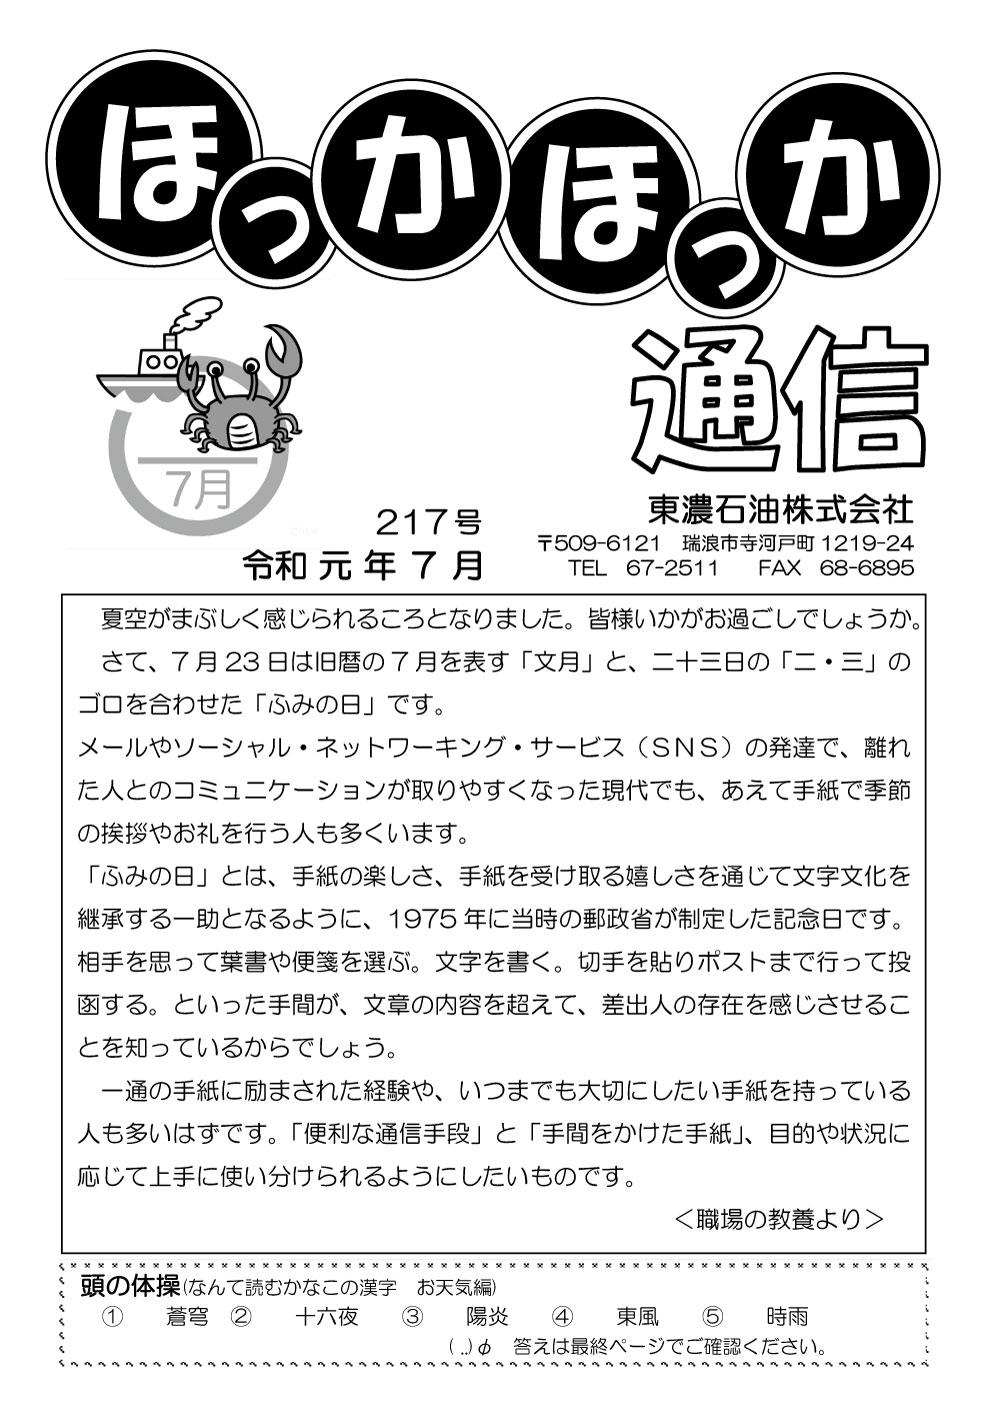 ほっかほっか通信217号(令和元年7月)掲載しました。